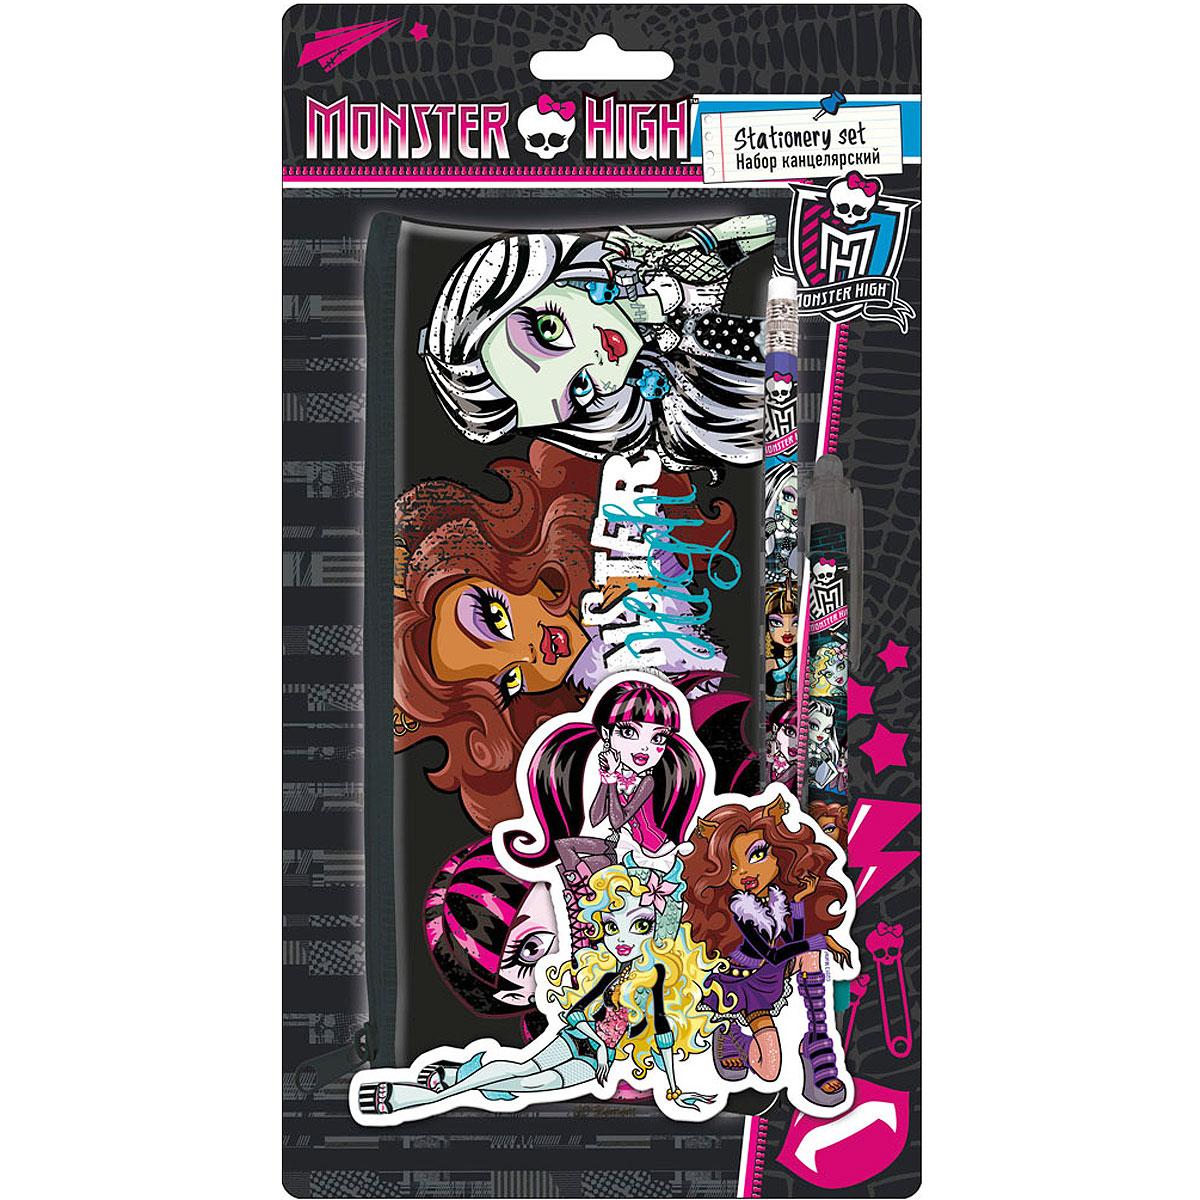 Канцелярский набор Monster High, 3 предмета